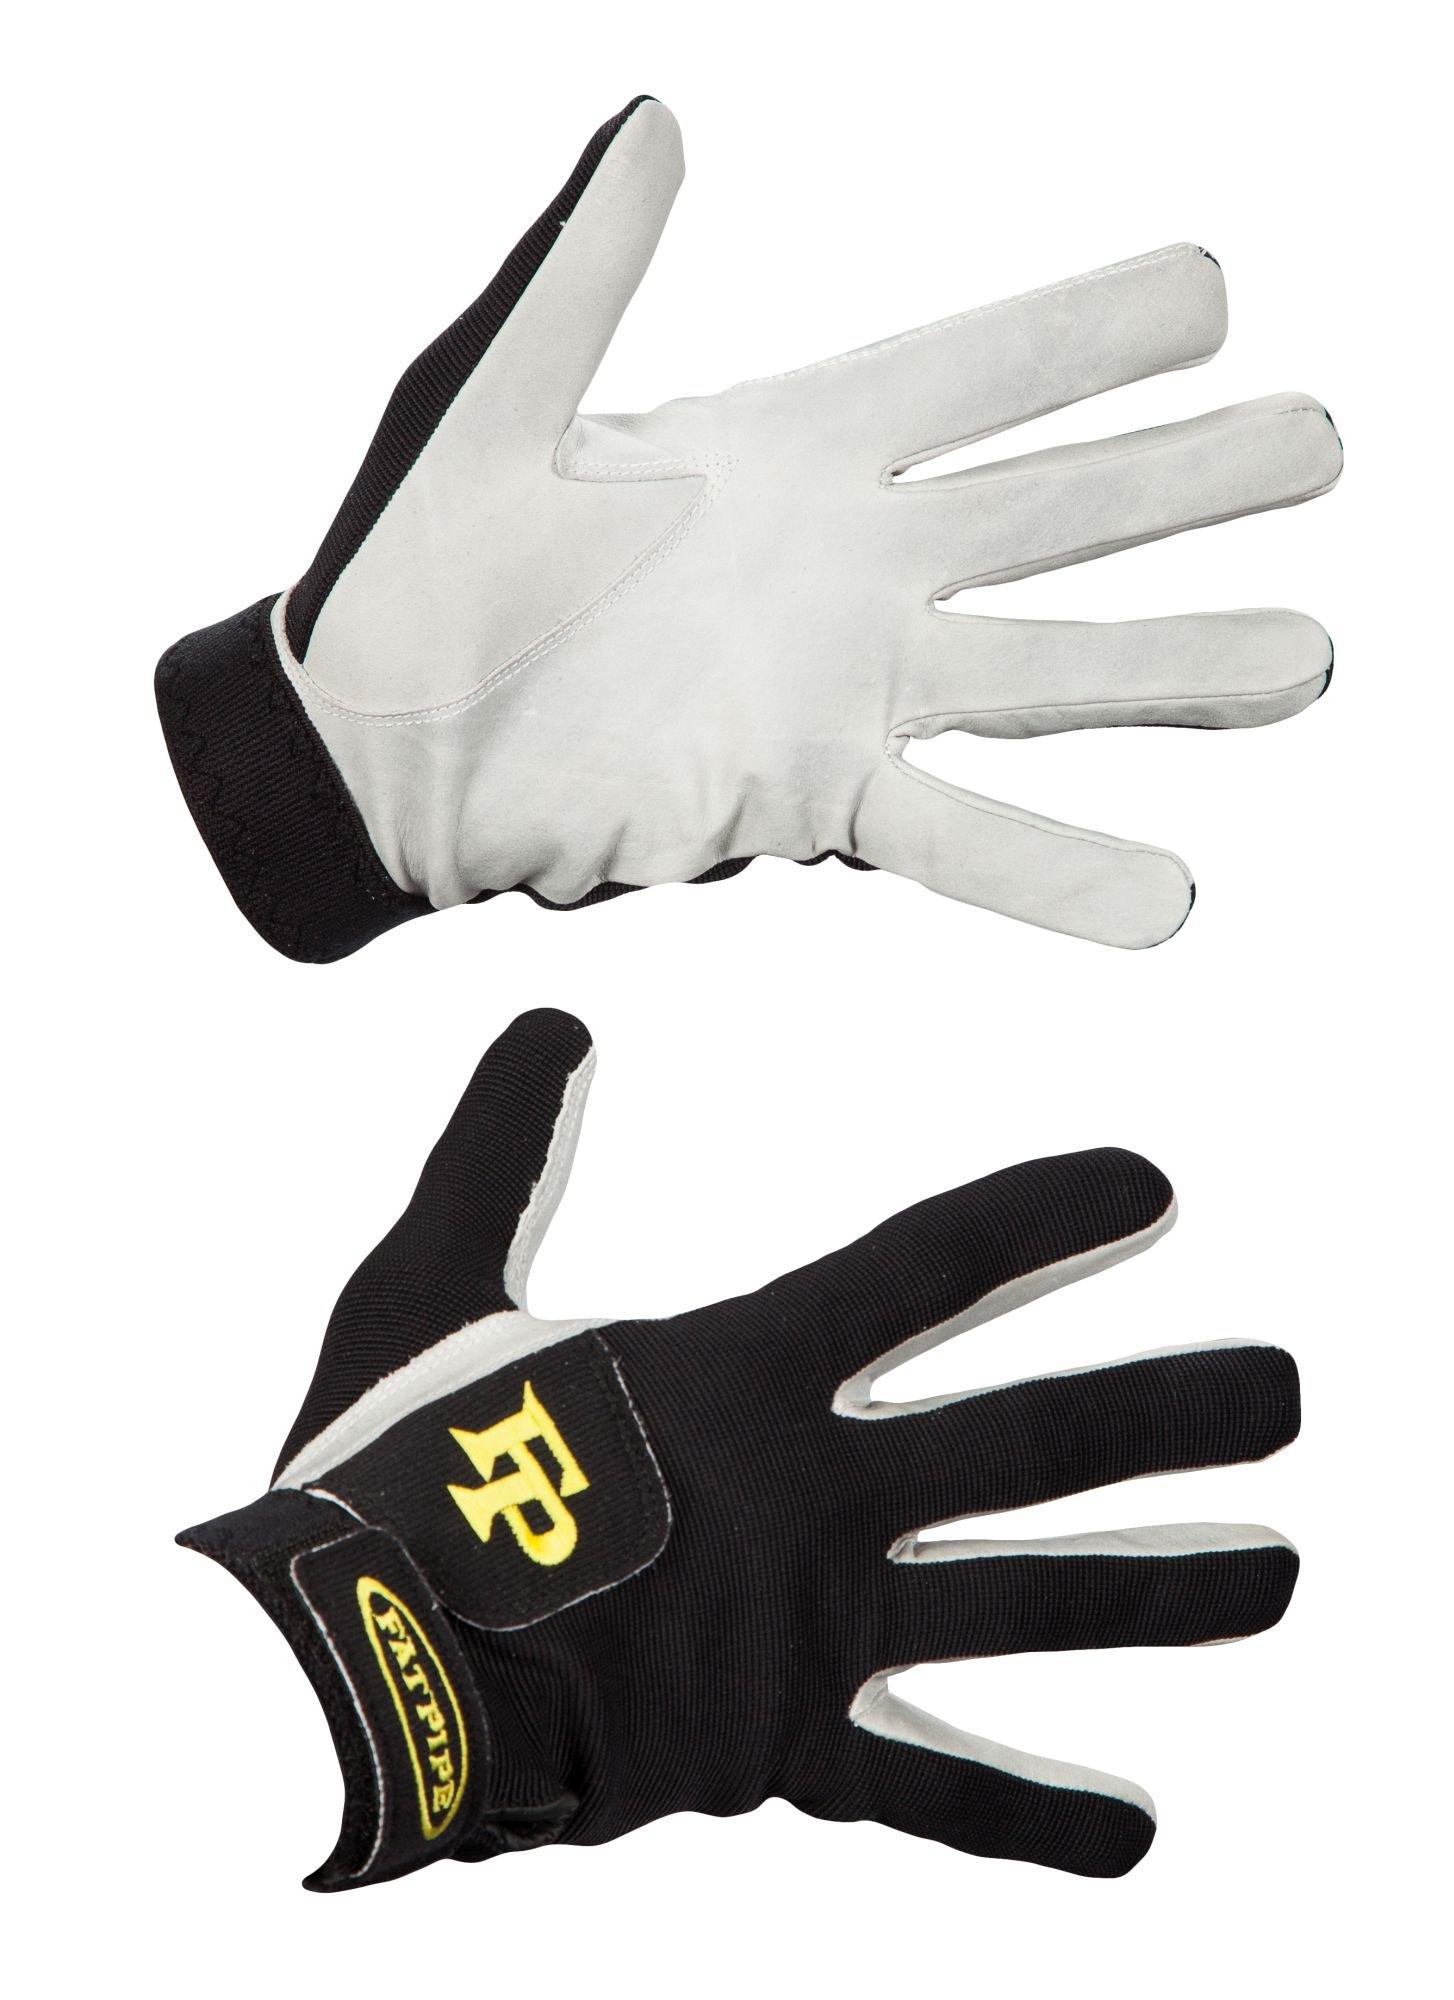 Fatpipe GK Gloves With Leather 17/18 S černá-žlutá